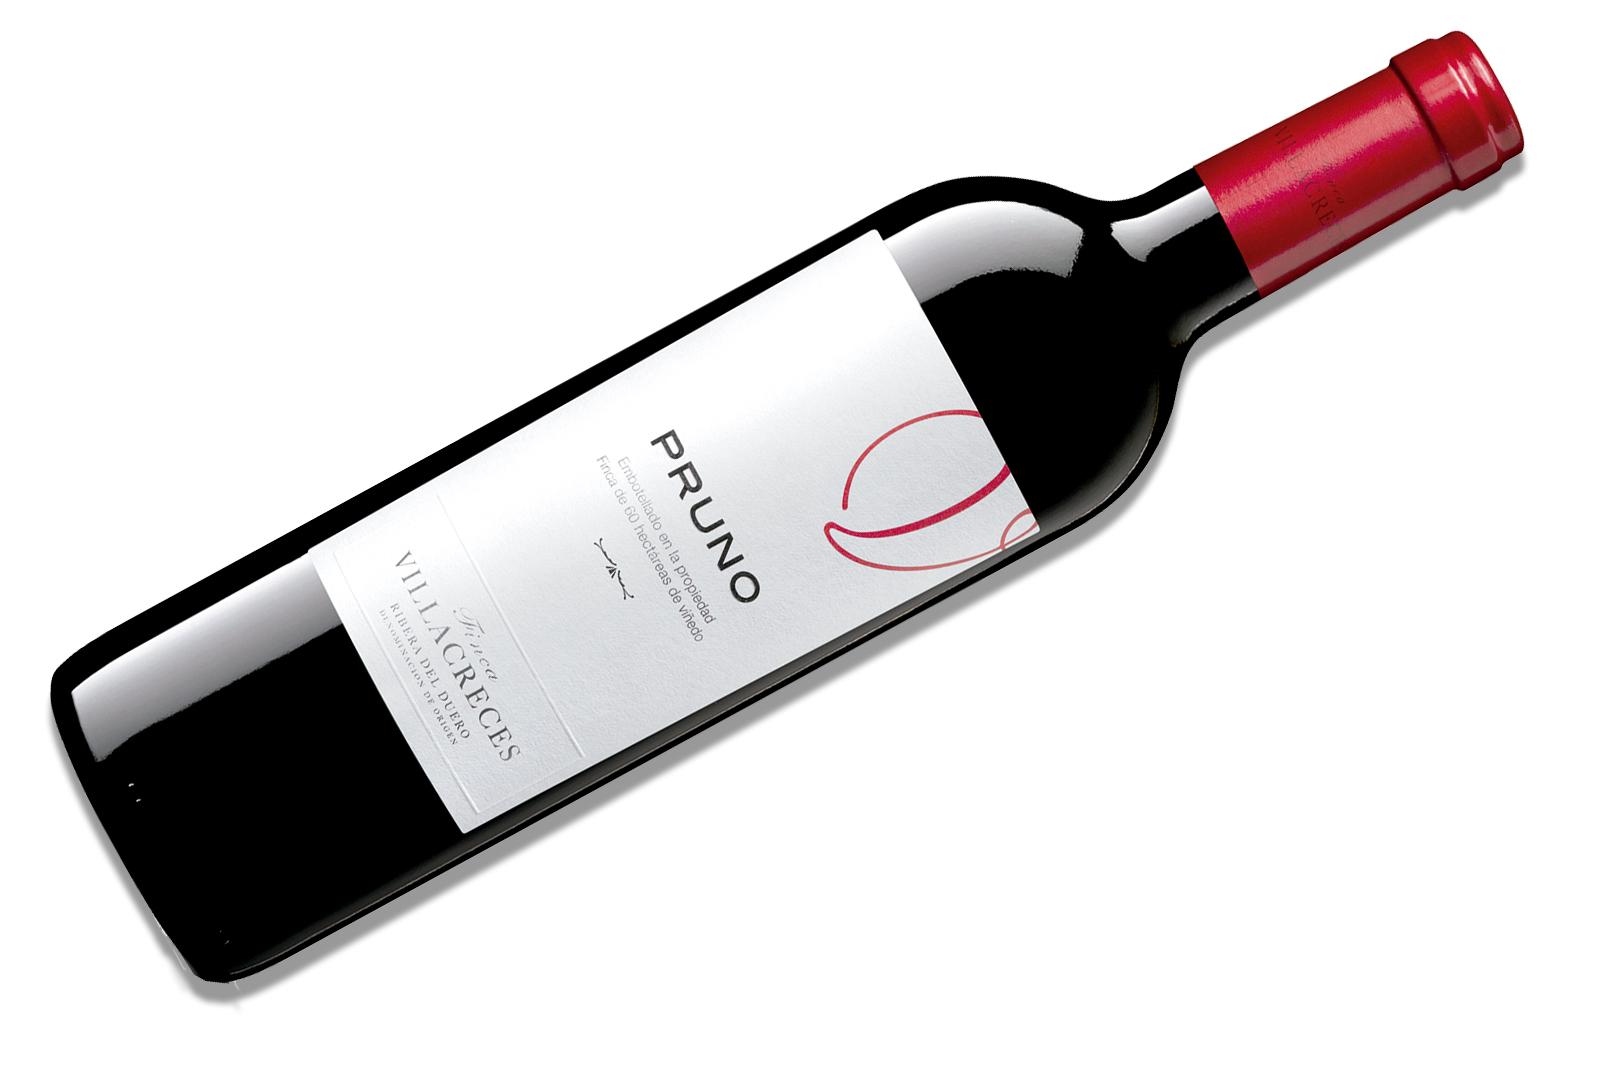 Pruno 2015. El vino más renombrado de Finca Villacreces.